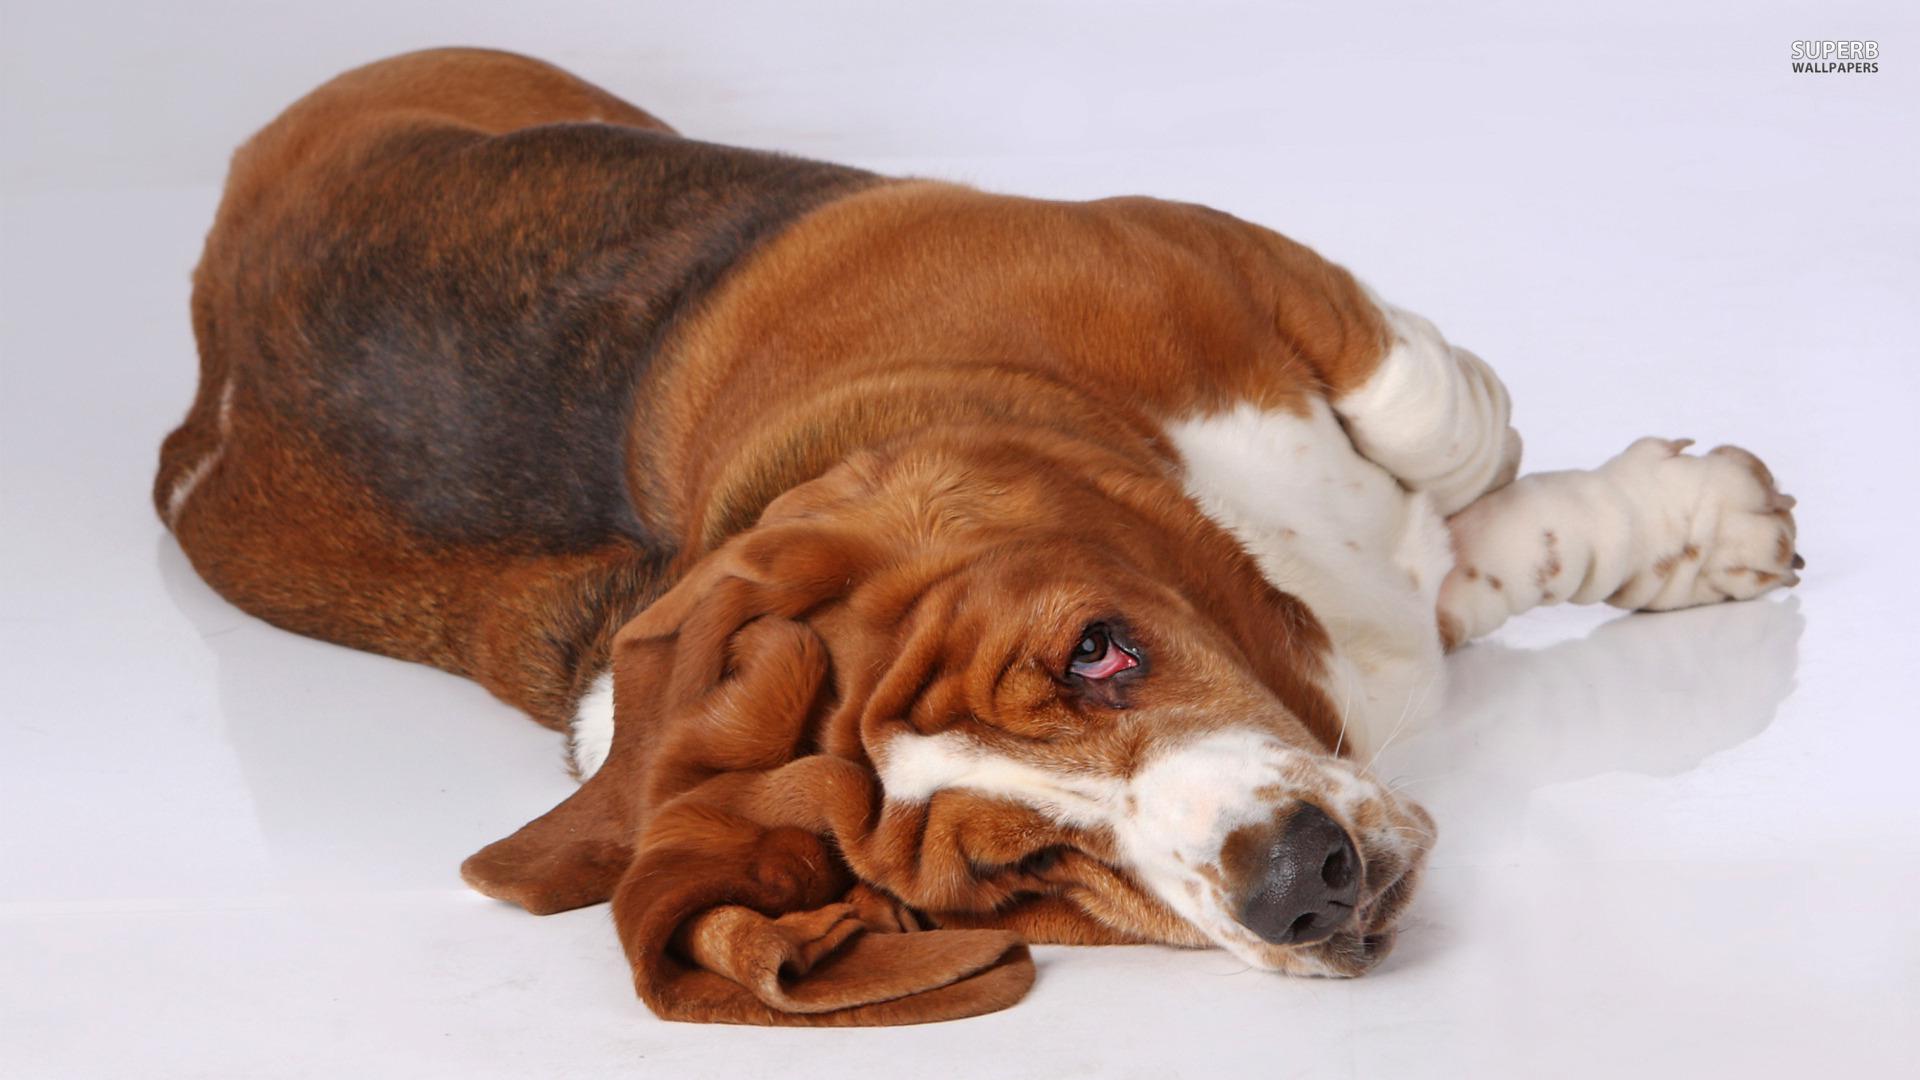 basset hound puppies wallpaper - photo #33